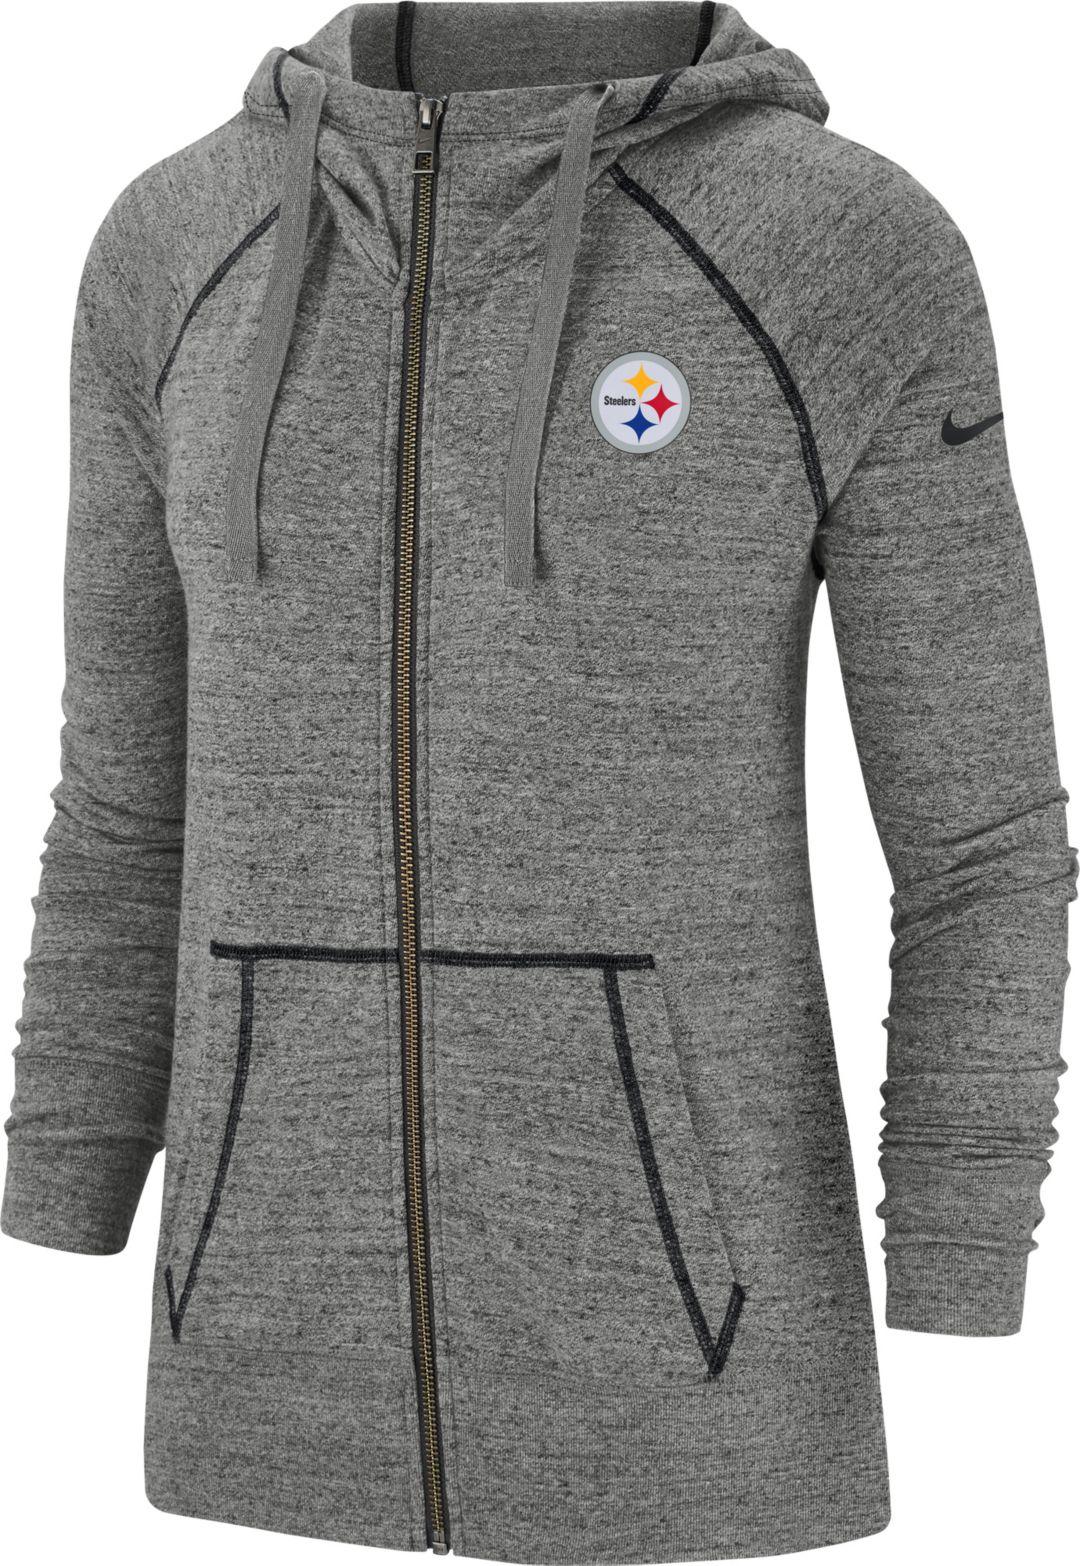 95d3a46e Nike Women's Pittsburgh Steelers Vintage Grey Full-Zip Hoodie